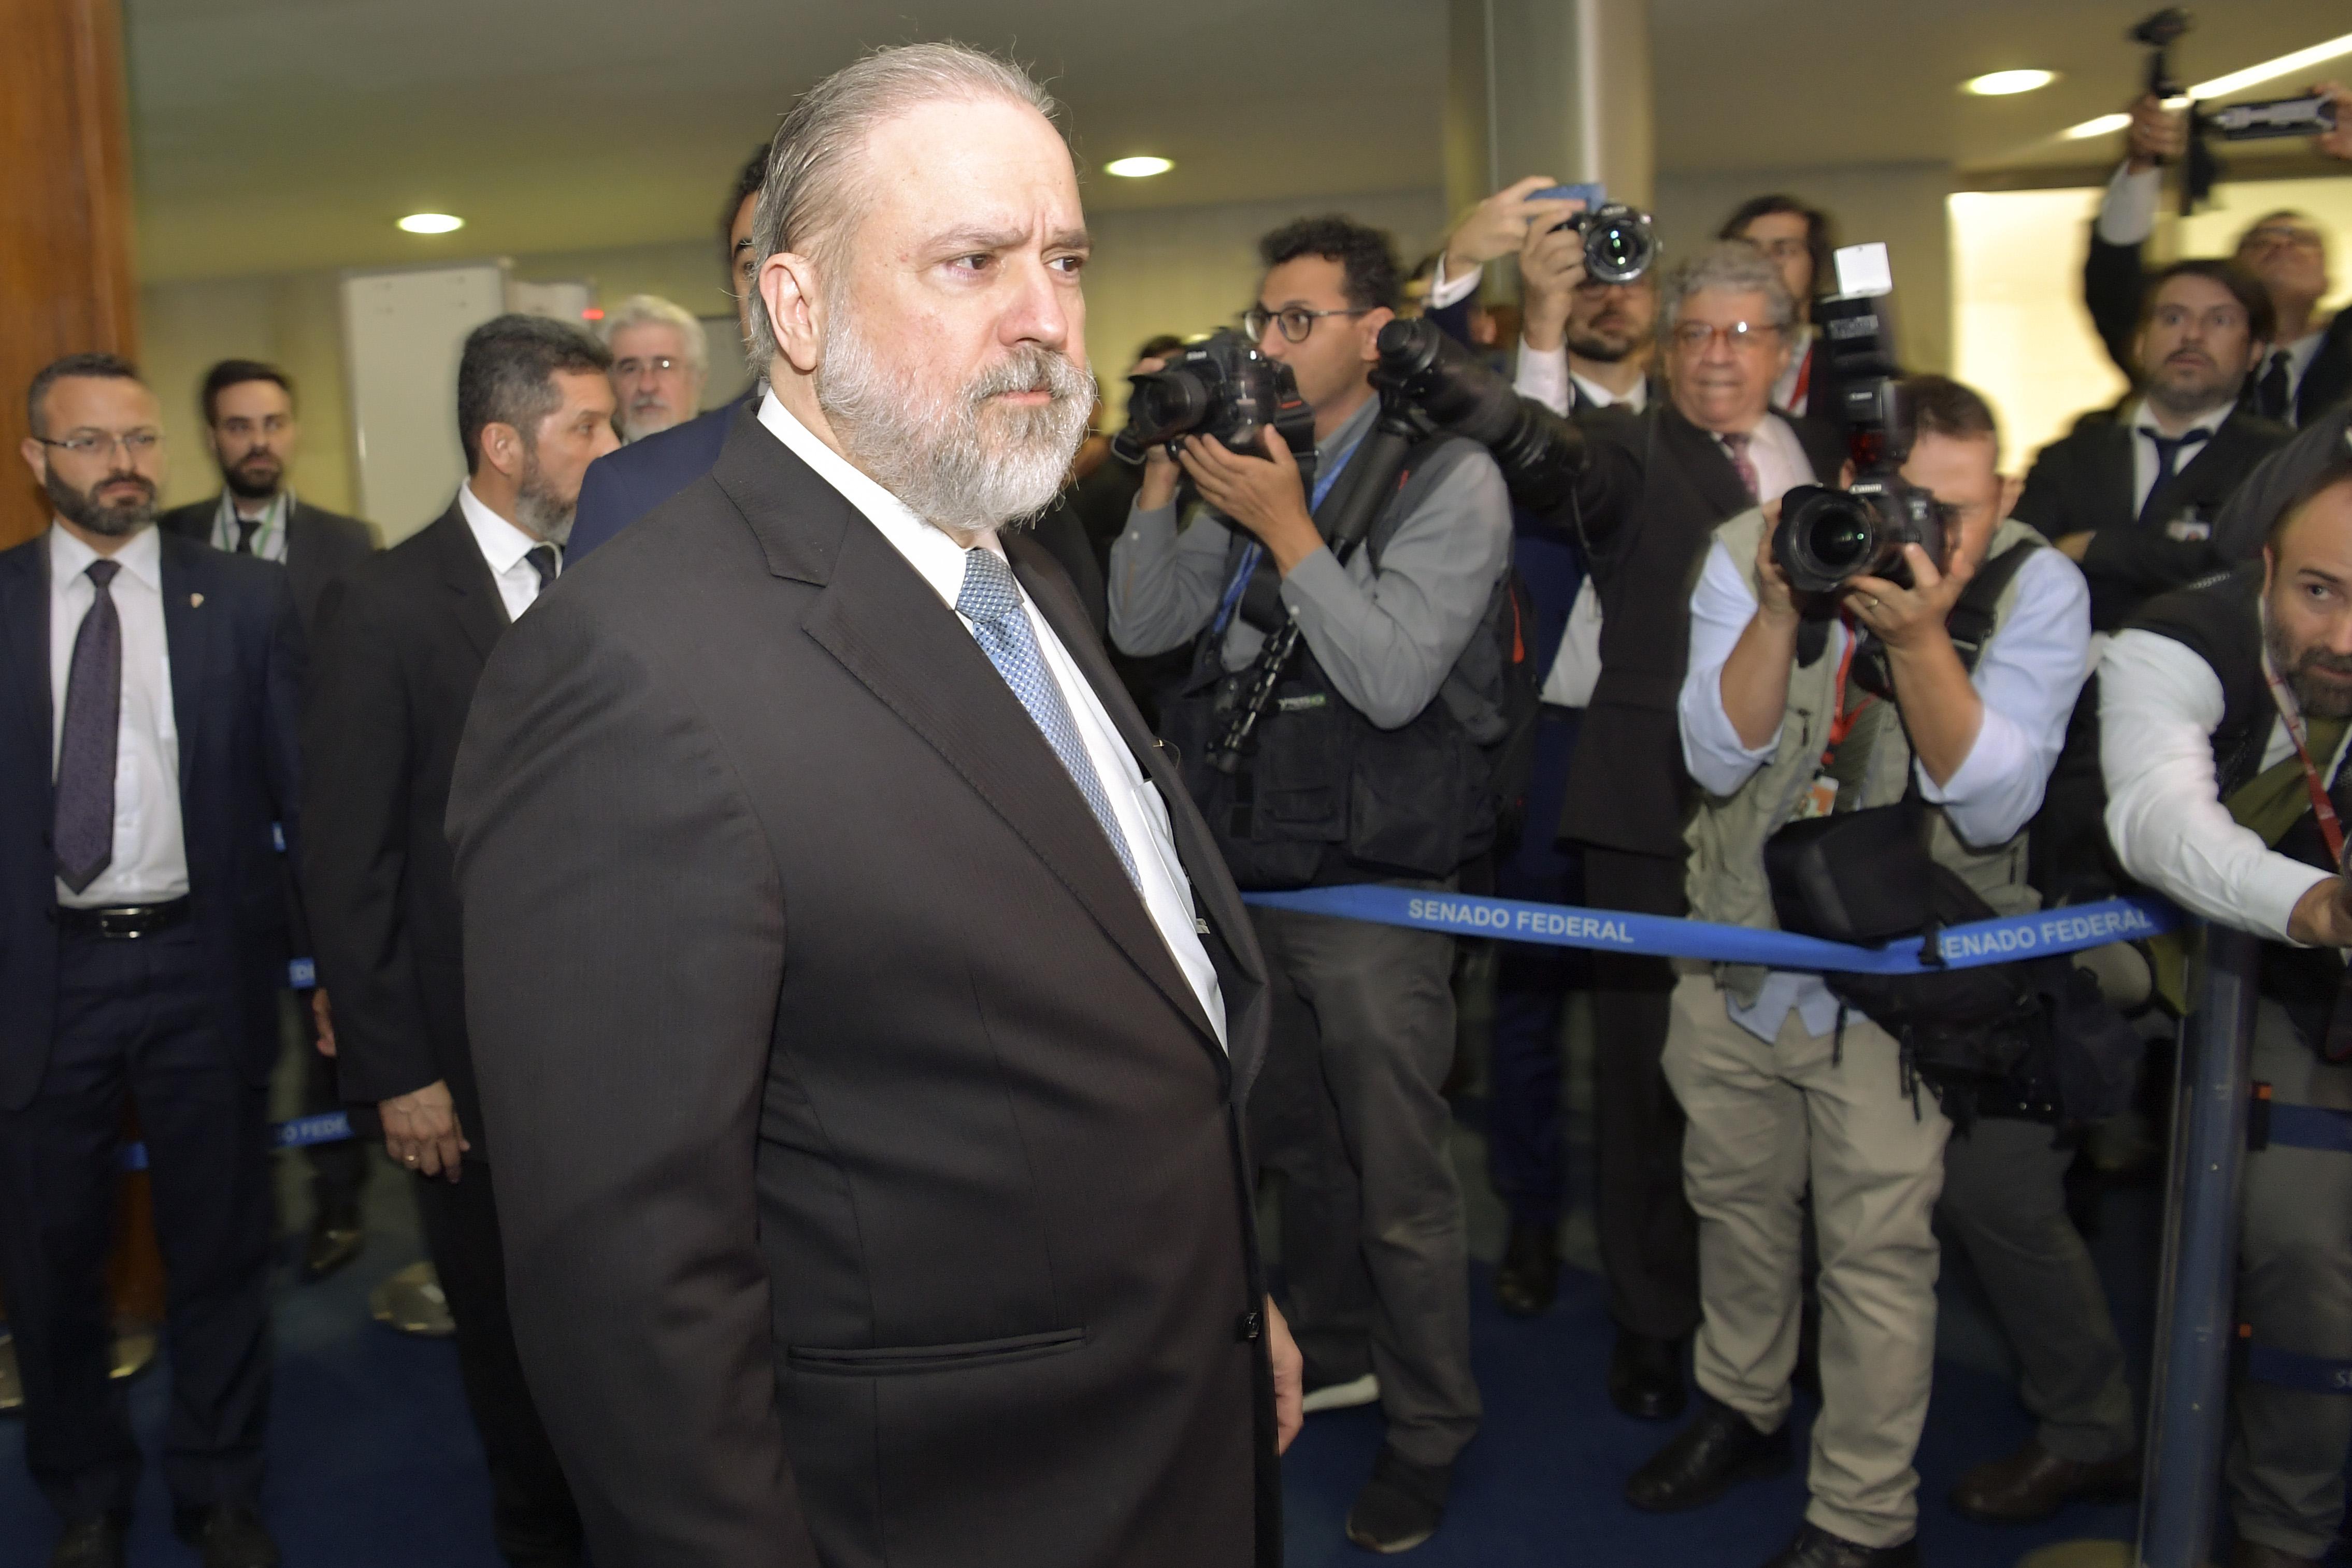 IMAGEM: Amigo de Moro pede à PGR que não reabra caso de doleiro sem 'provas novas'